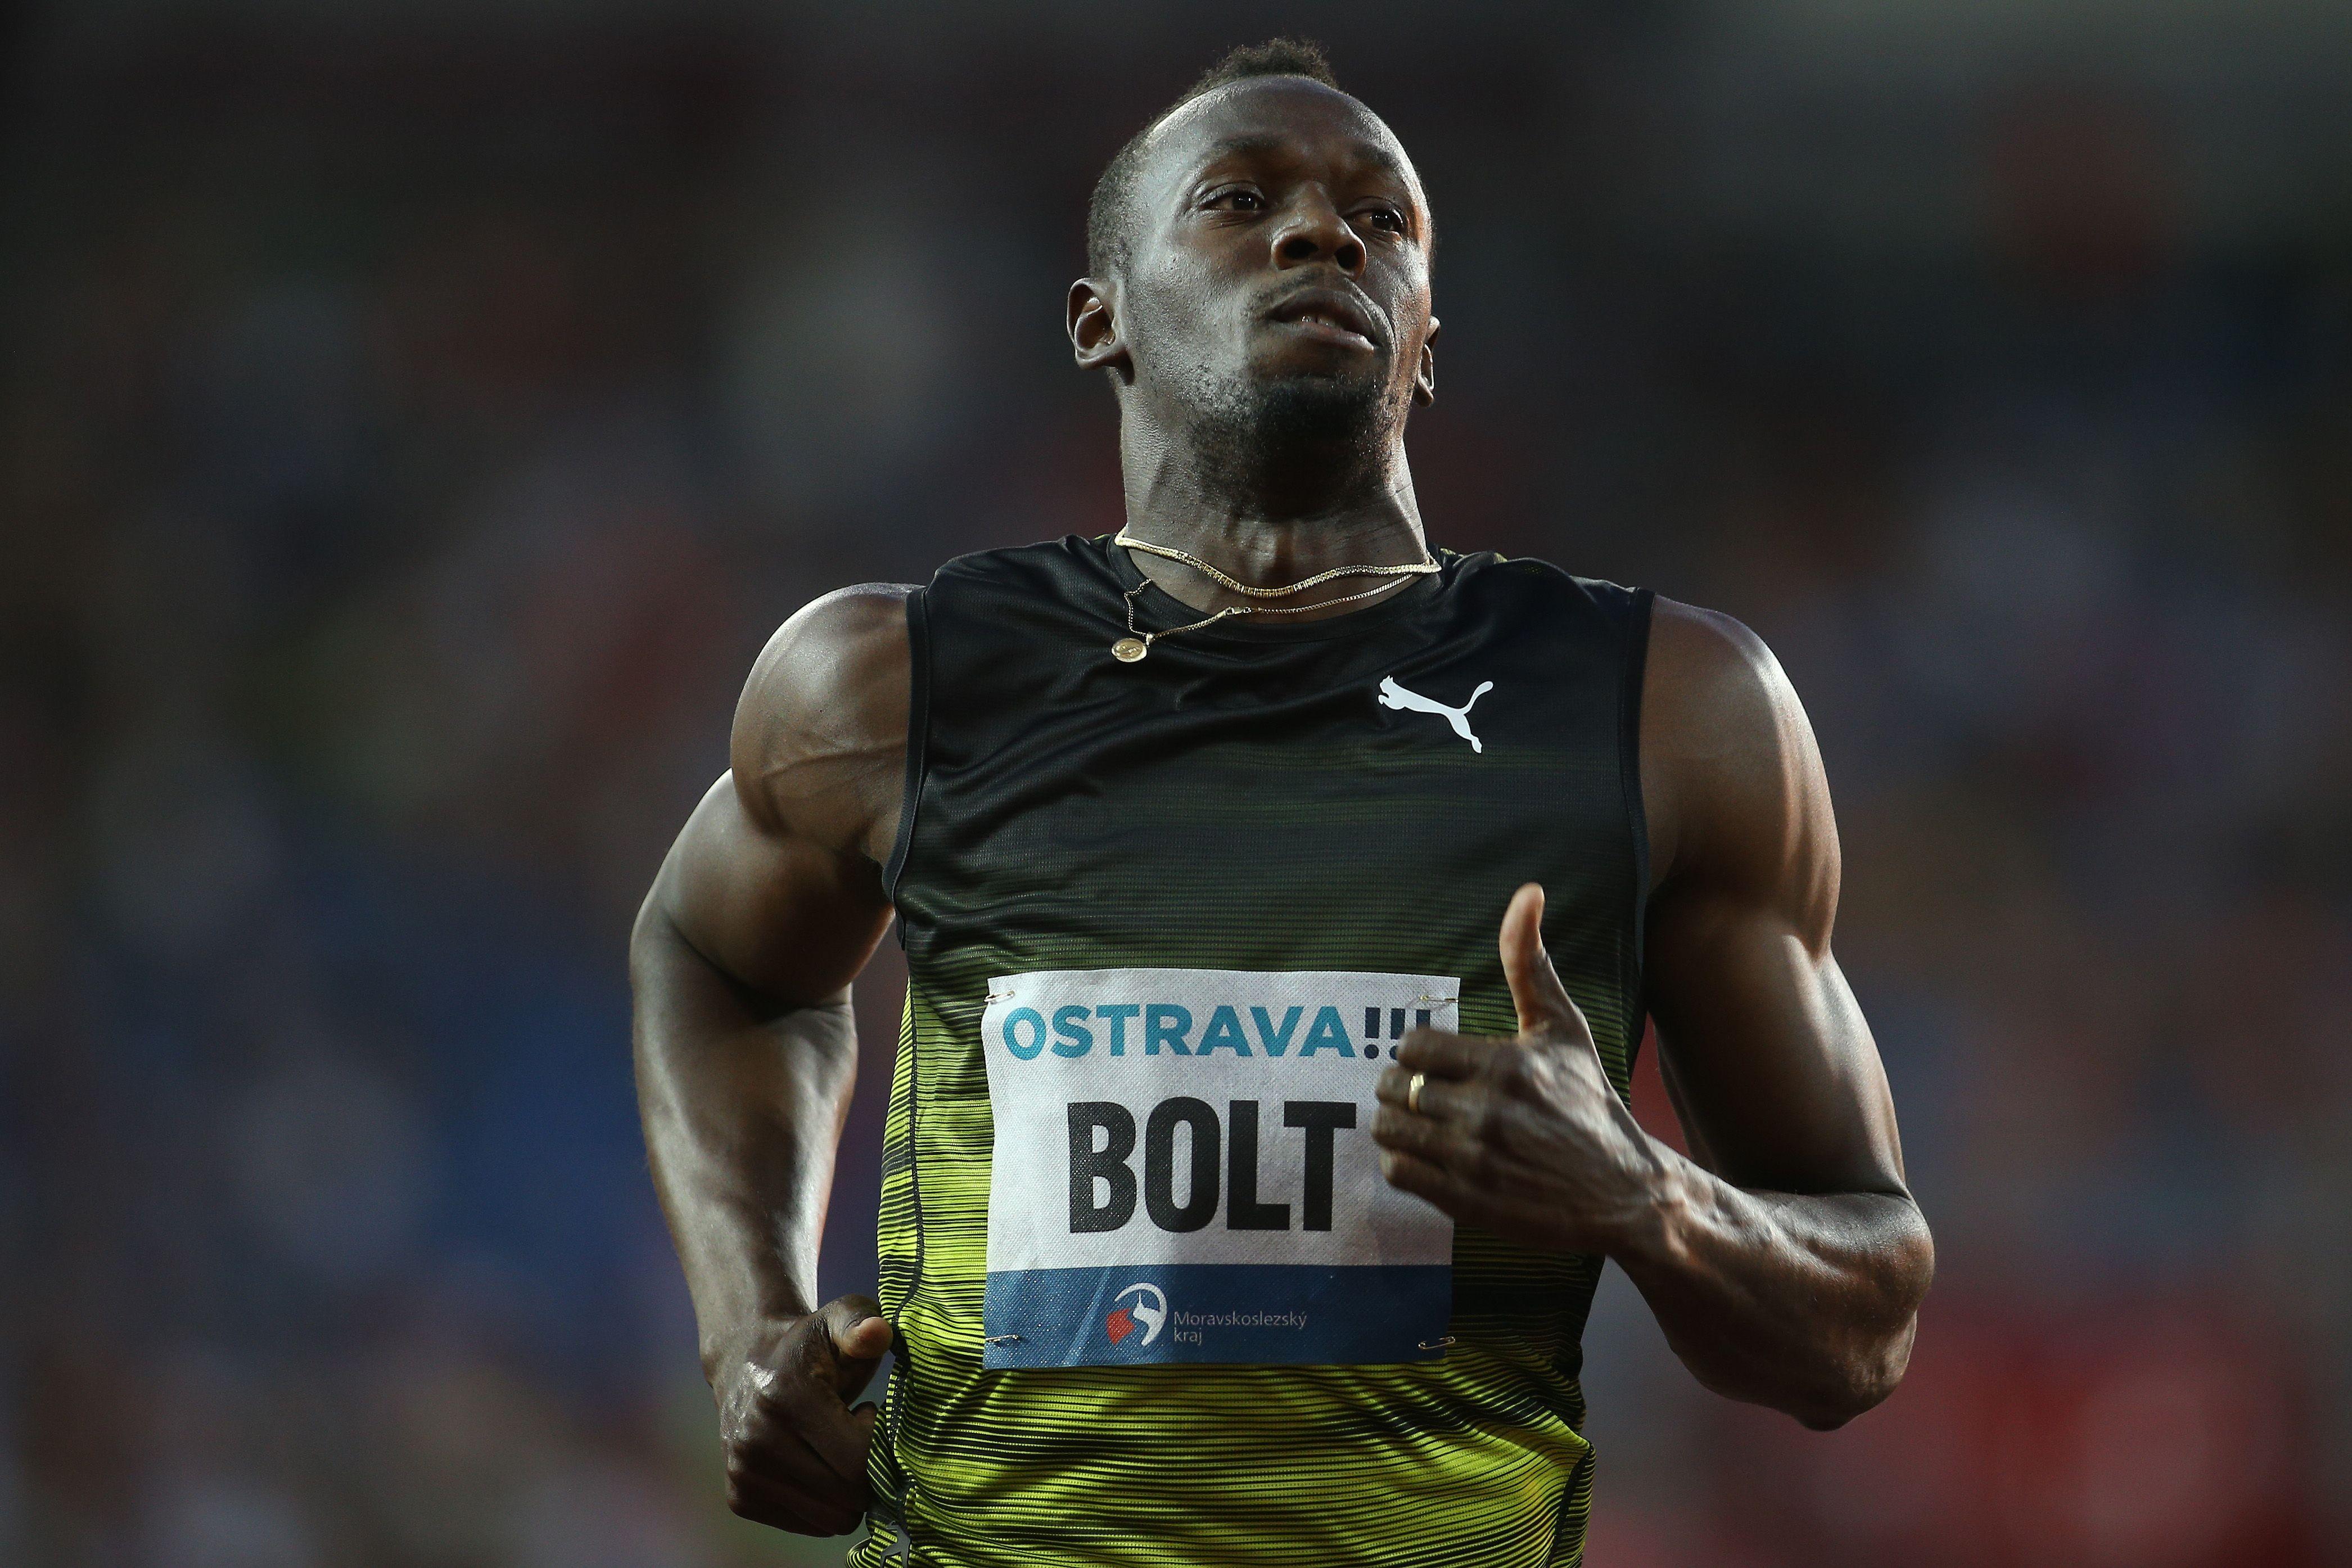 Athlétisme - Pas d'étincelles pour la der de Bolt à Ostrava